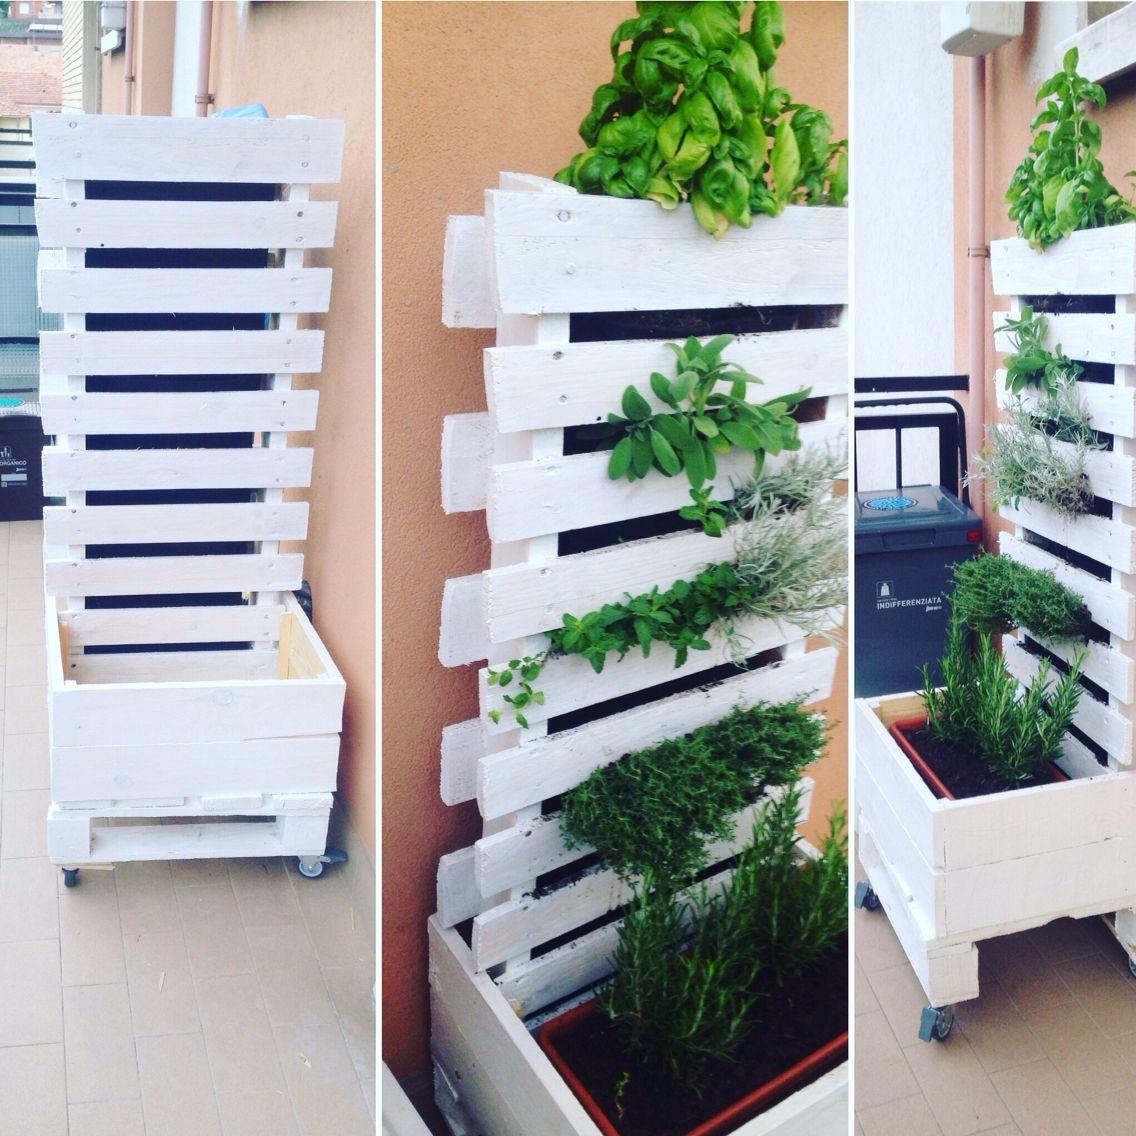 Trendy casalecchio di reno with giardino verticale in casa - Giardino verticale in casa ...